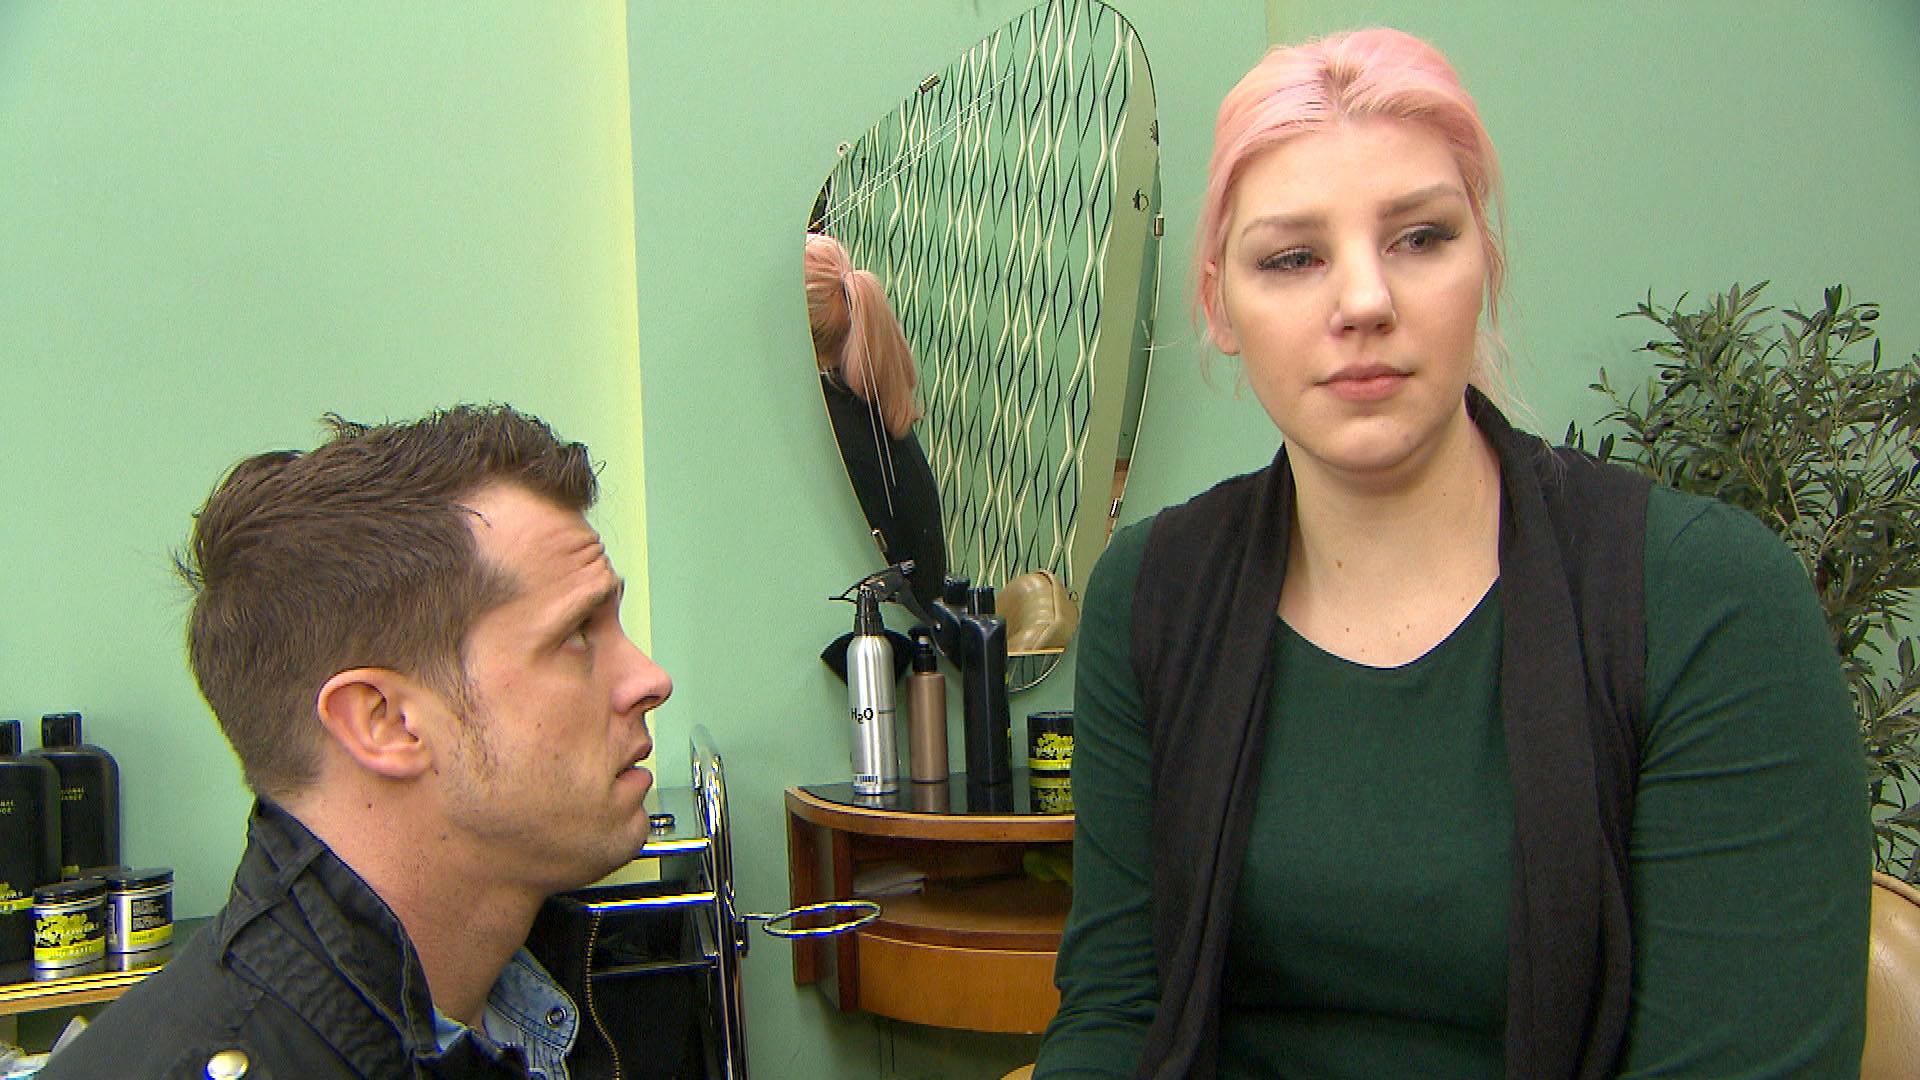 Als Bast,li.i erfährt, dass Paula,re. bereits mit (Theo) über ihre Pleite geredet hat, aber nicht mit ihm, ist er tief getroffen. (Quelle: RTL 2)